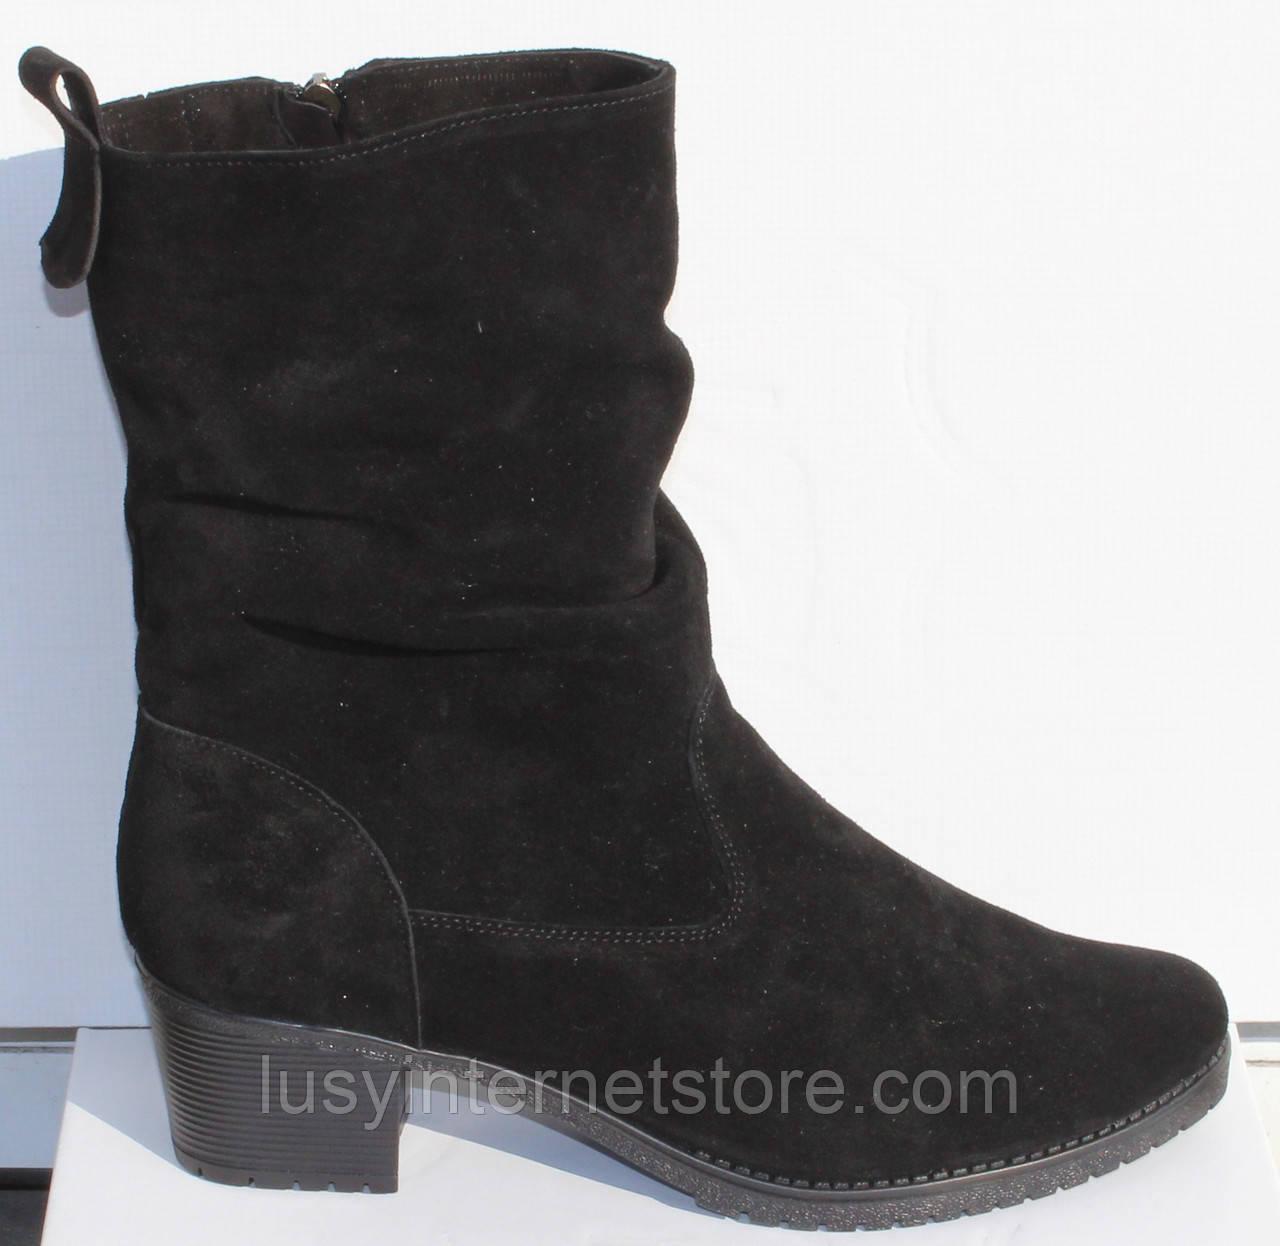 Замшевые женские полусапожки большого размера, замшевая обувь больших размеров от производителя мод ВБ1500